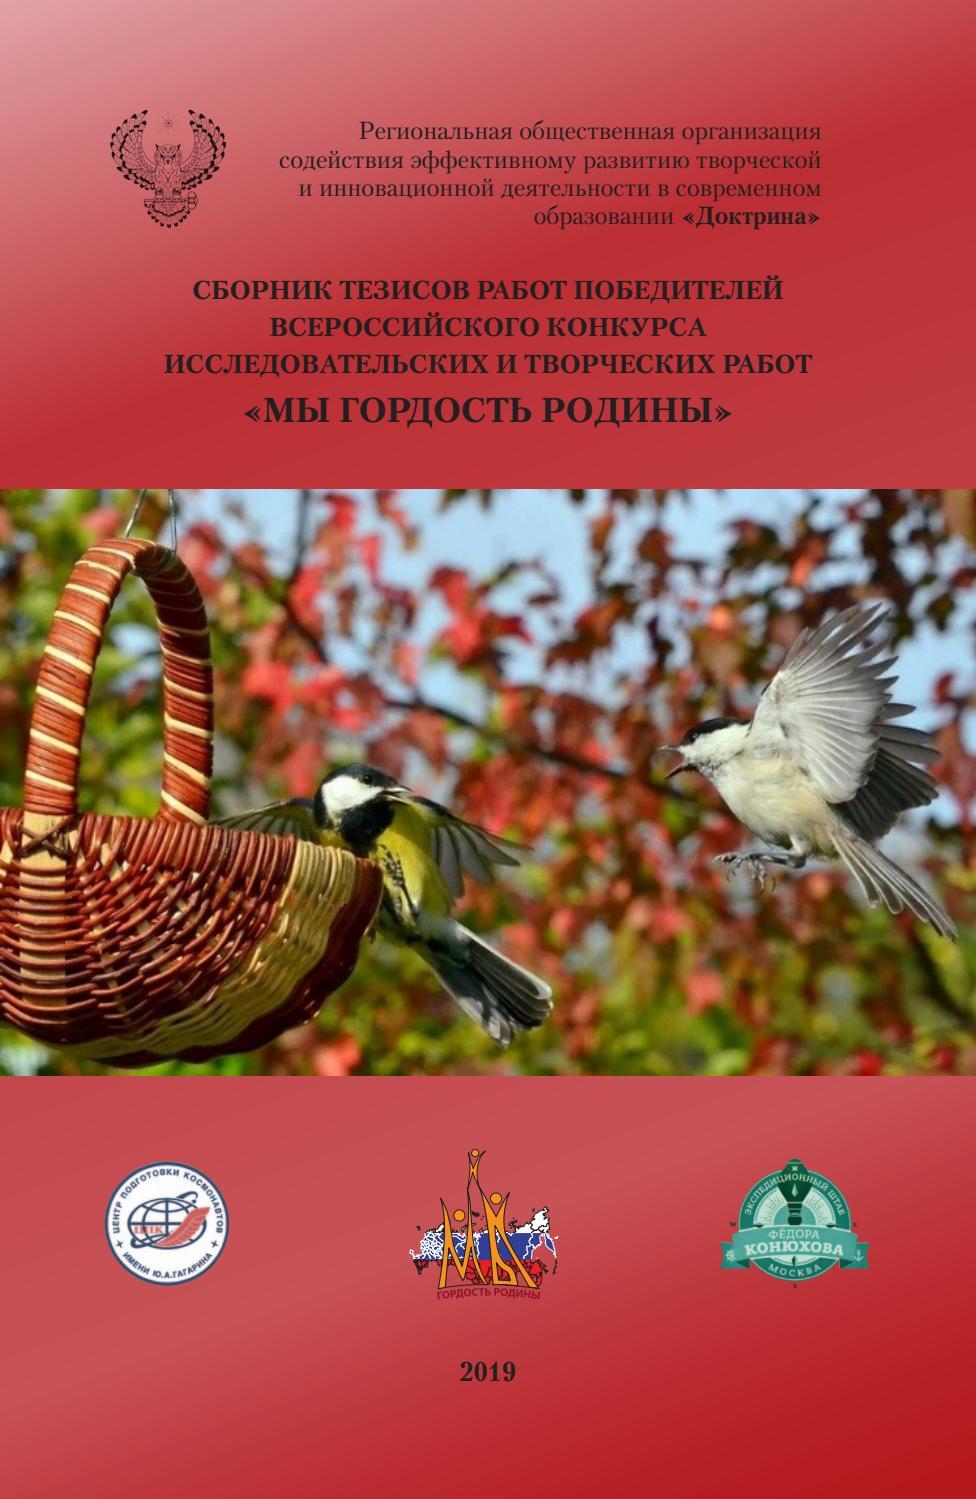 Сборник тезисов докладов победителей Всероссийского заочного конкурса